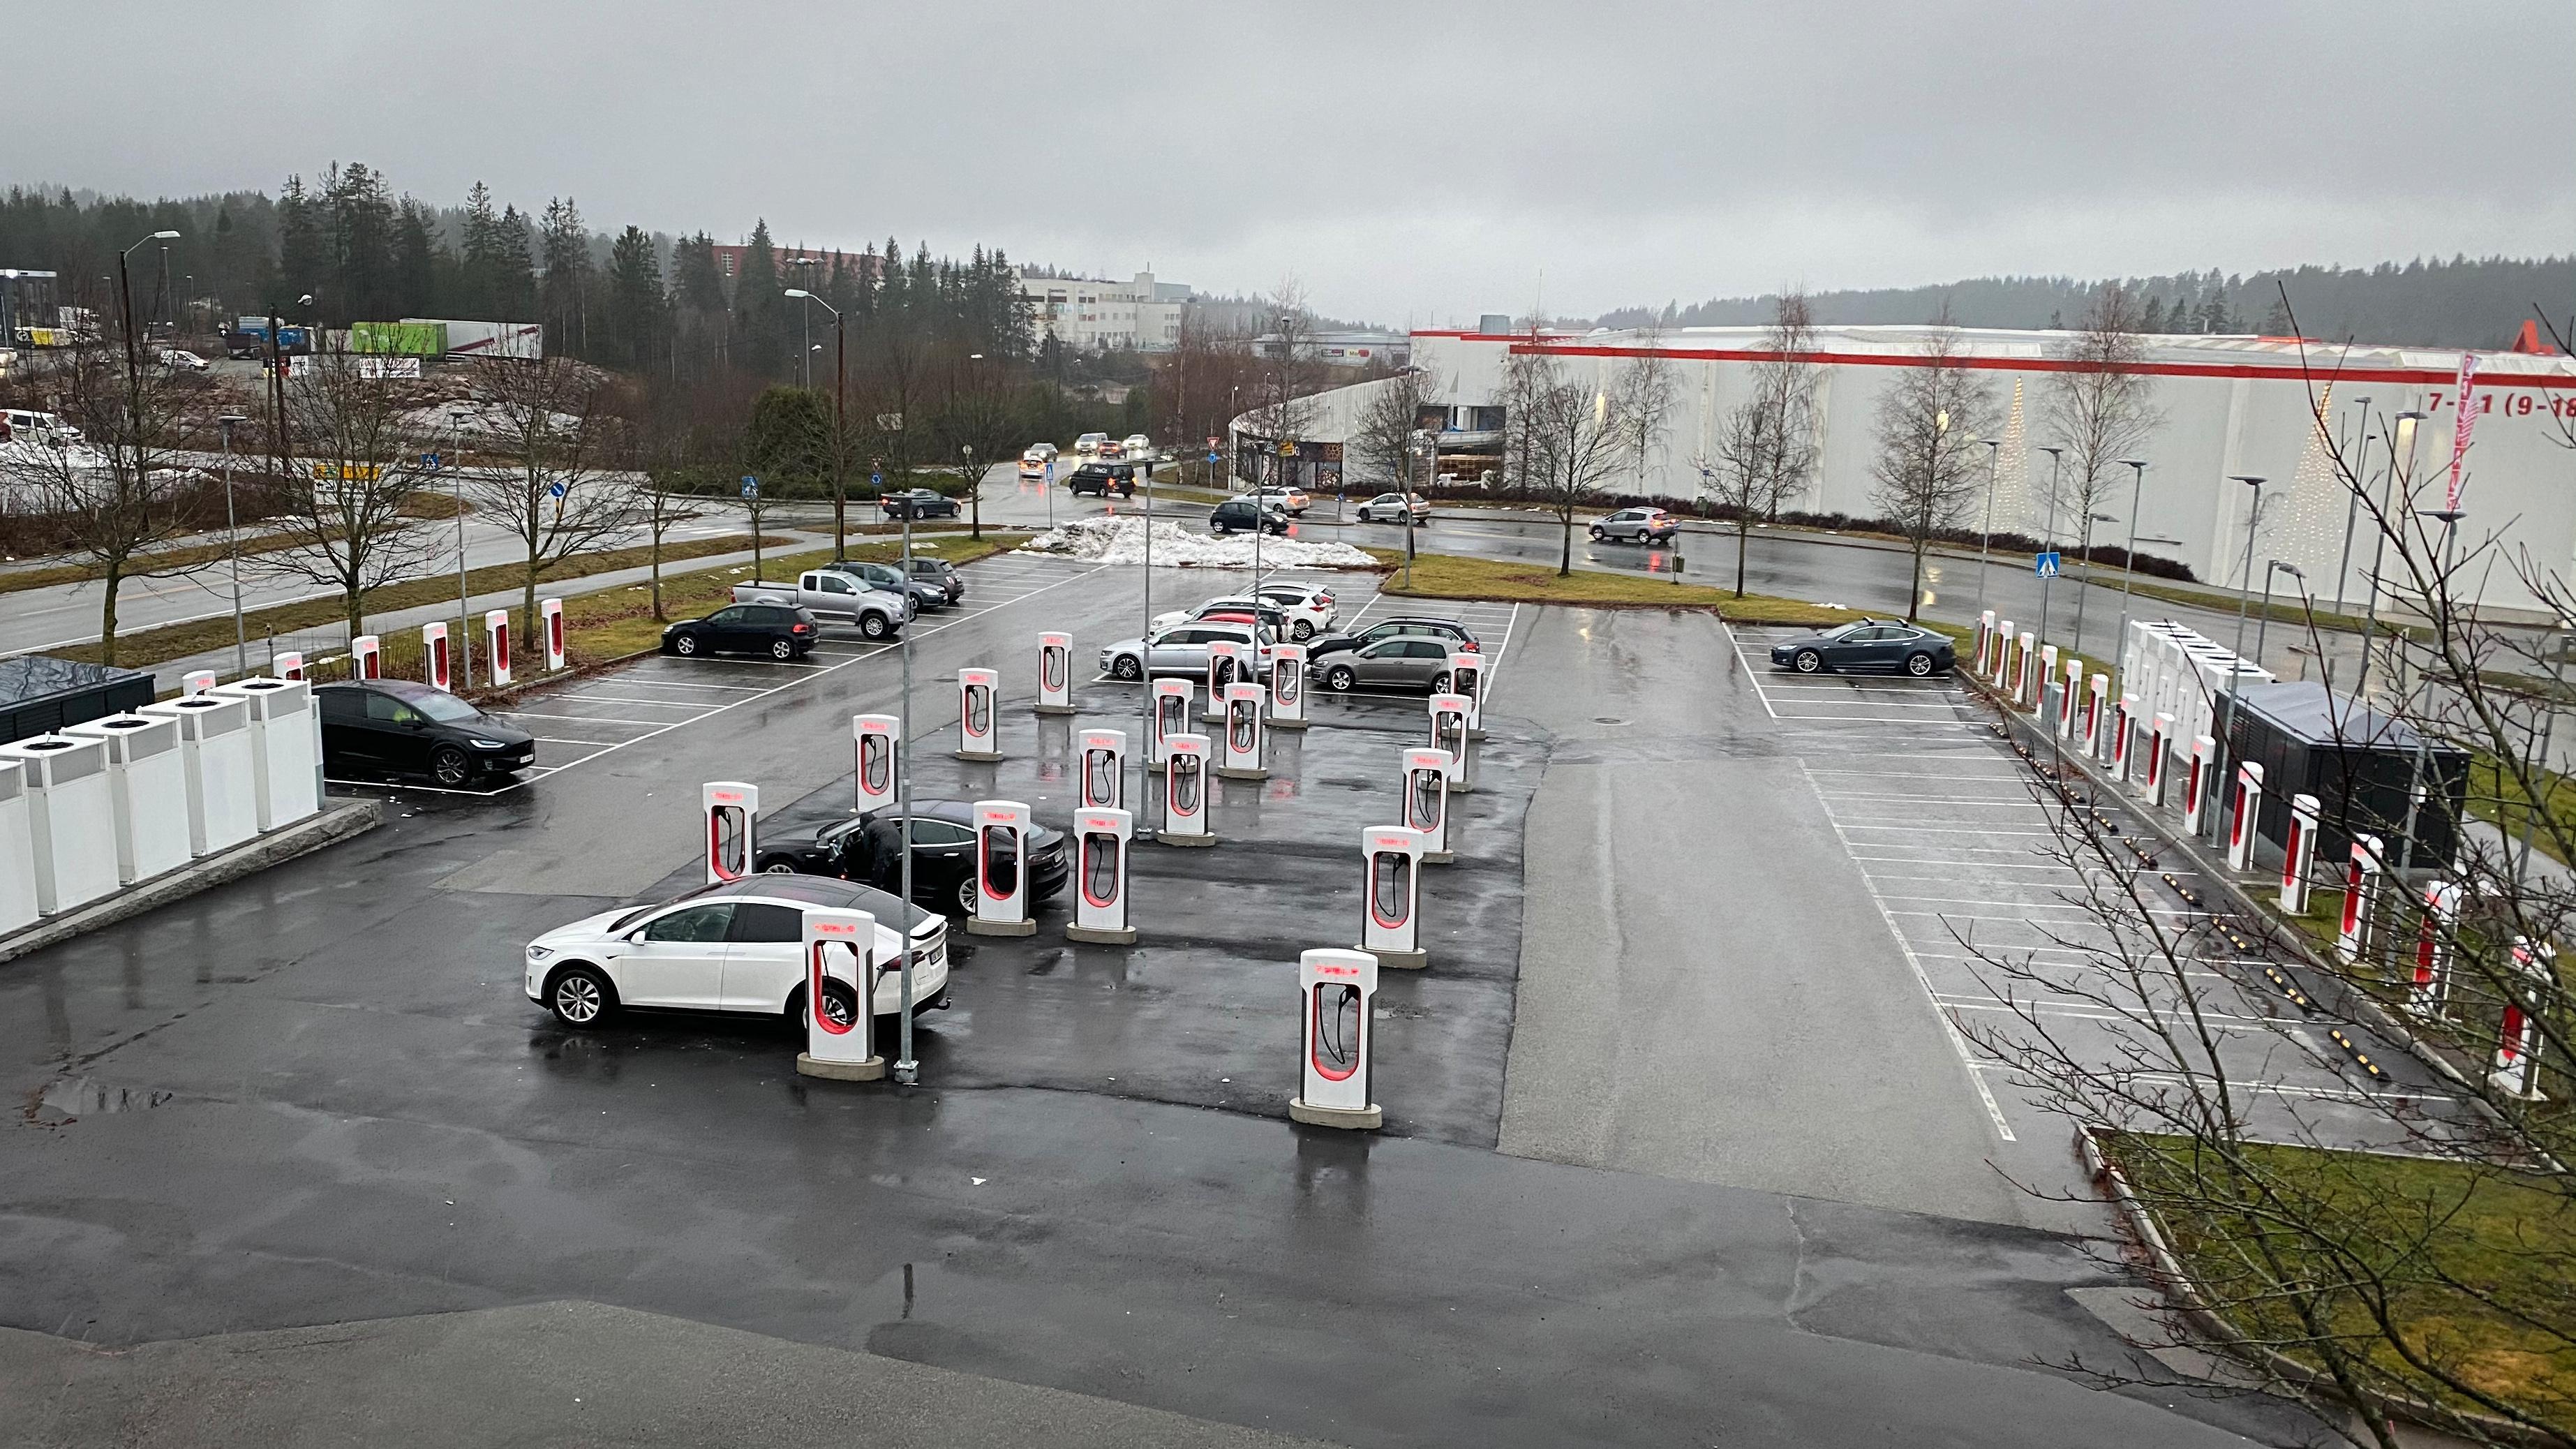 Nå åpner Tesla laderne for andre elbiler